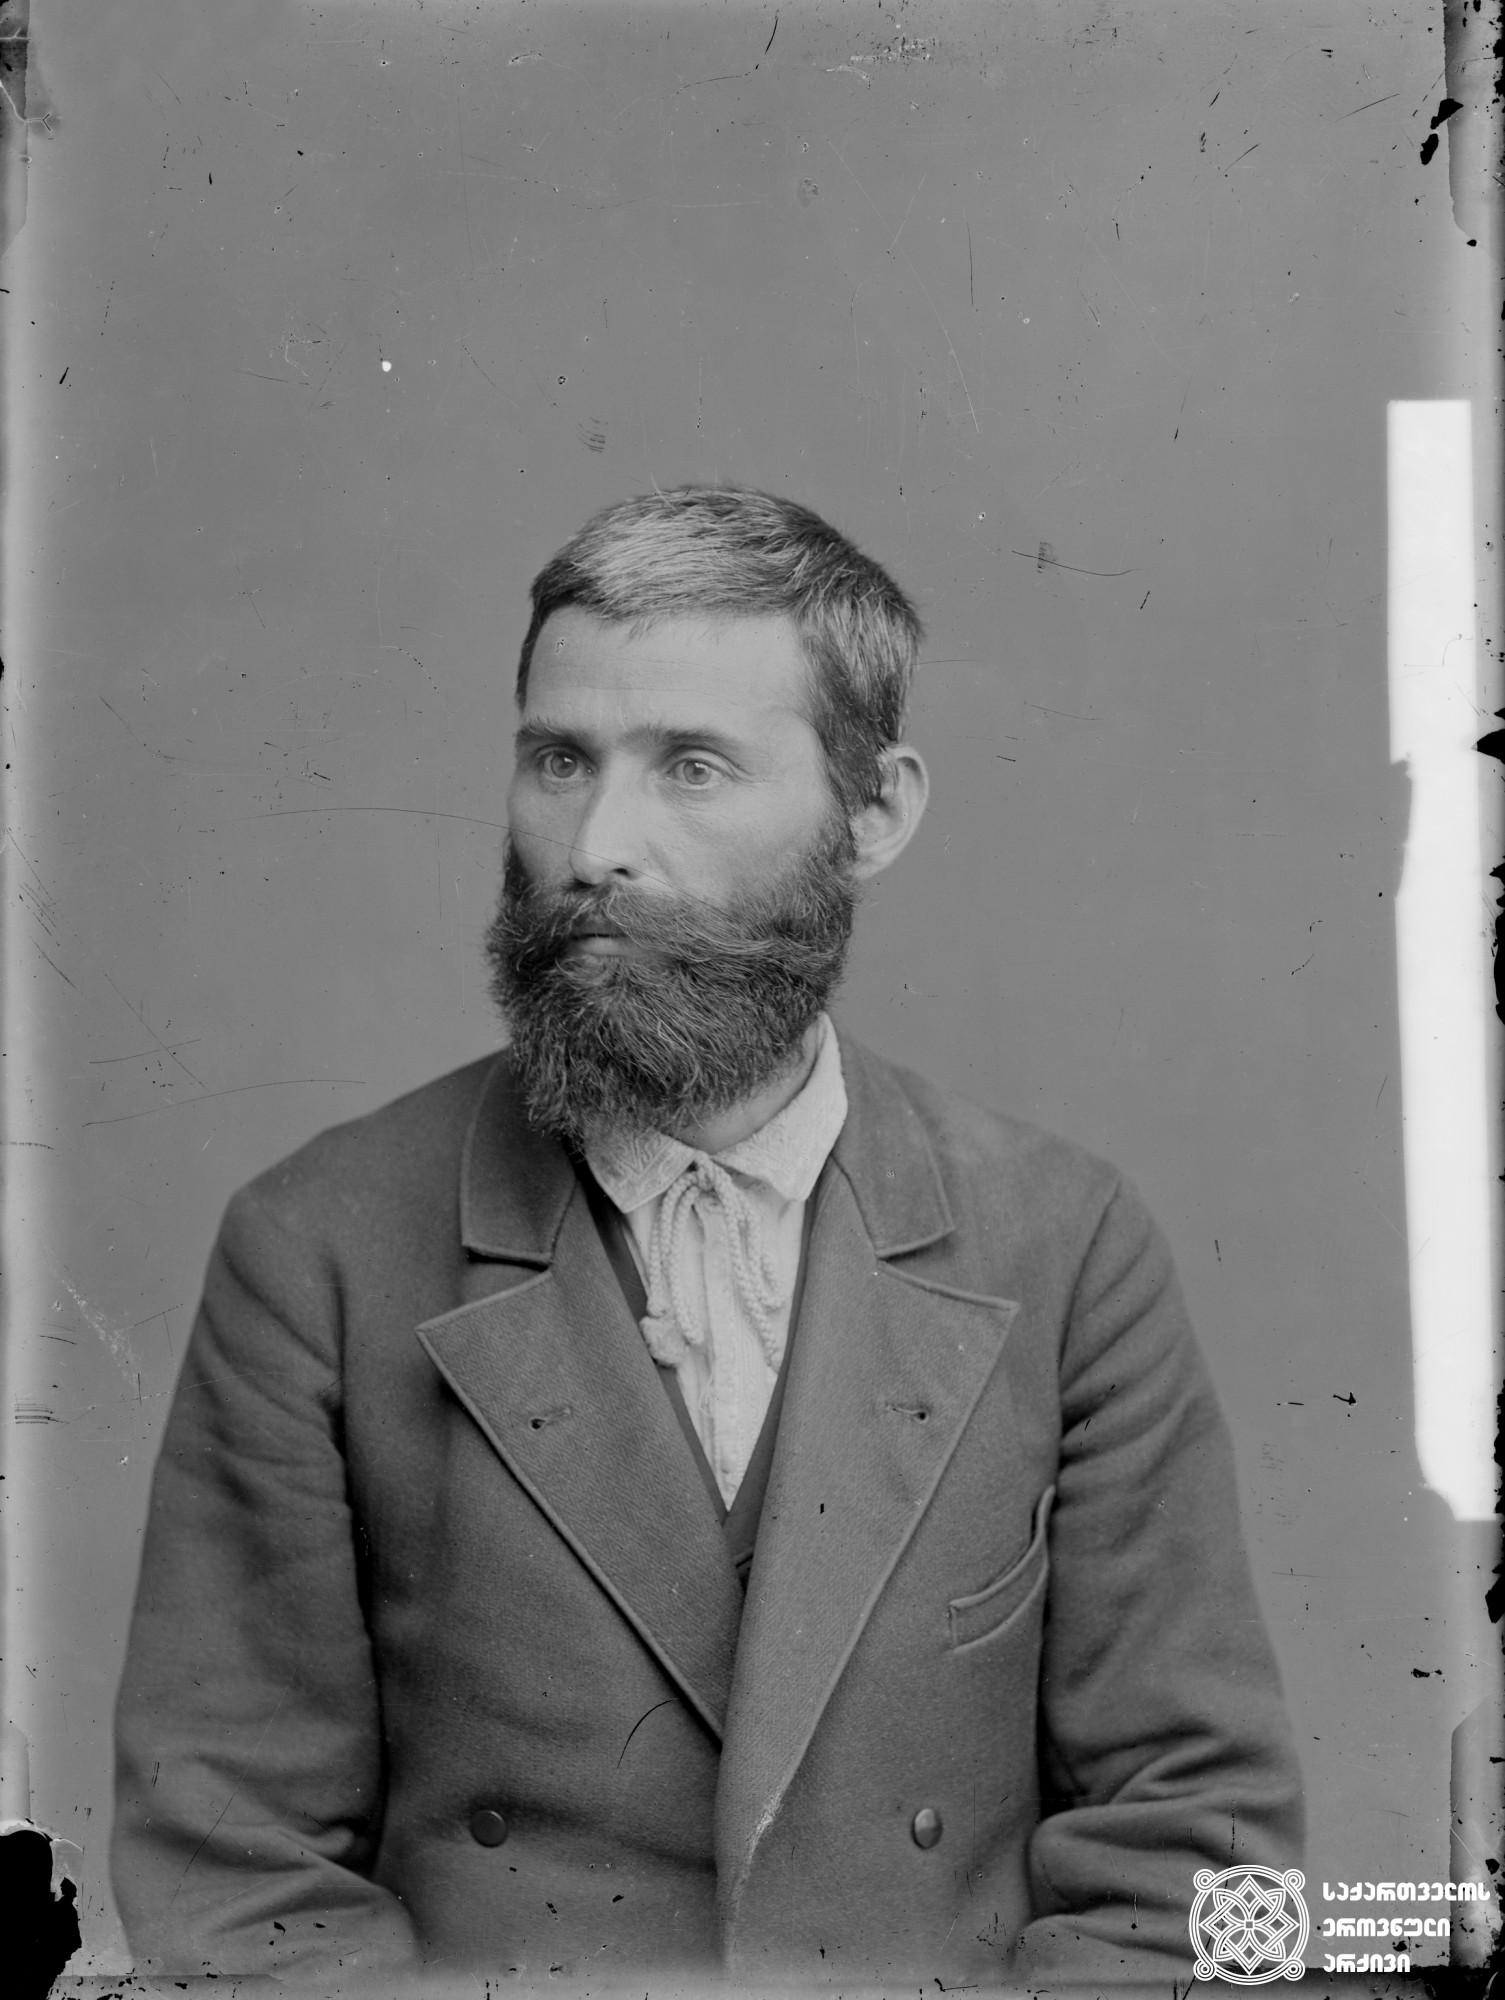 ისიდორე რამიშვილი (1859-1937), სოციალ-დემოკრატი, პუბლიცისტი. <br> მინის ნეგატივი 12X16. <br> Isidore Ramishvili (1859-1937), Social Democrat, publicist. <br> Glass negative 12X16. <br>